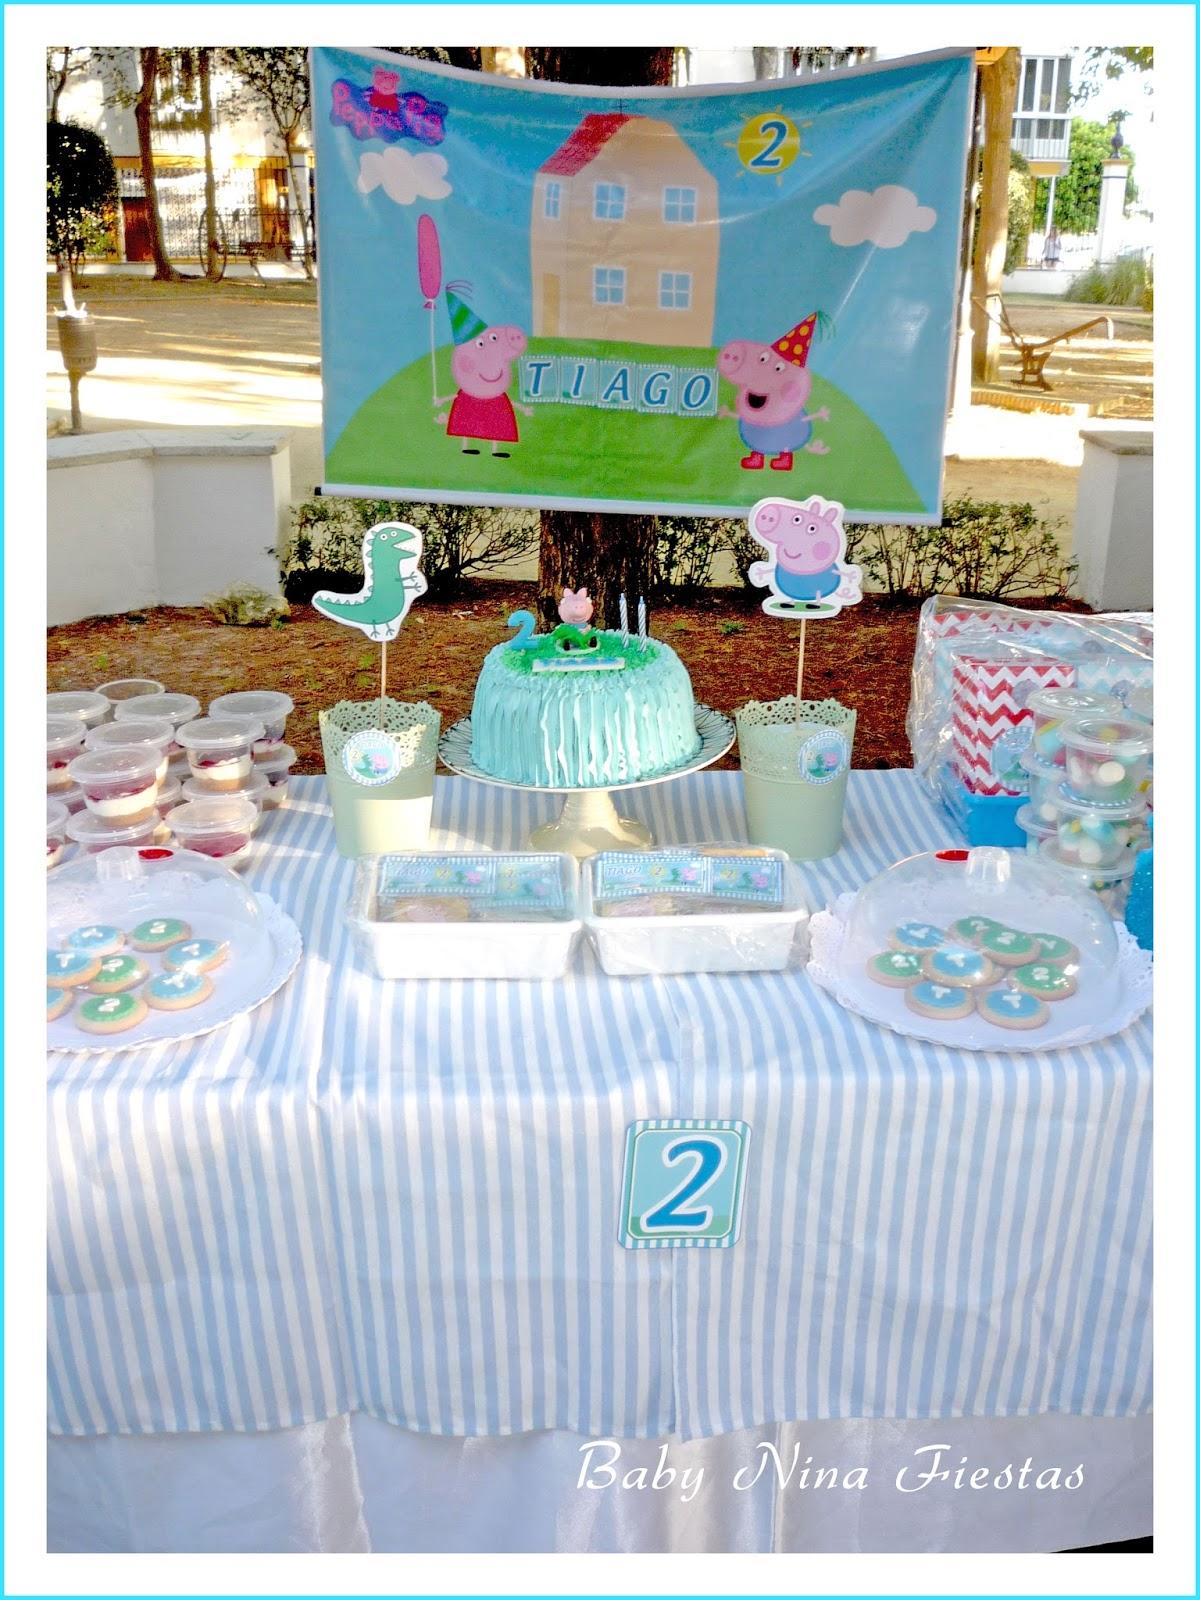 Baby nina fiestas mesa dulce george pig en el parque para for Decoracion de parques